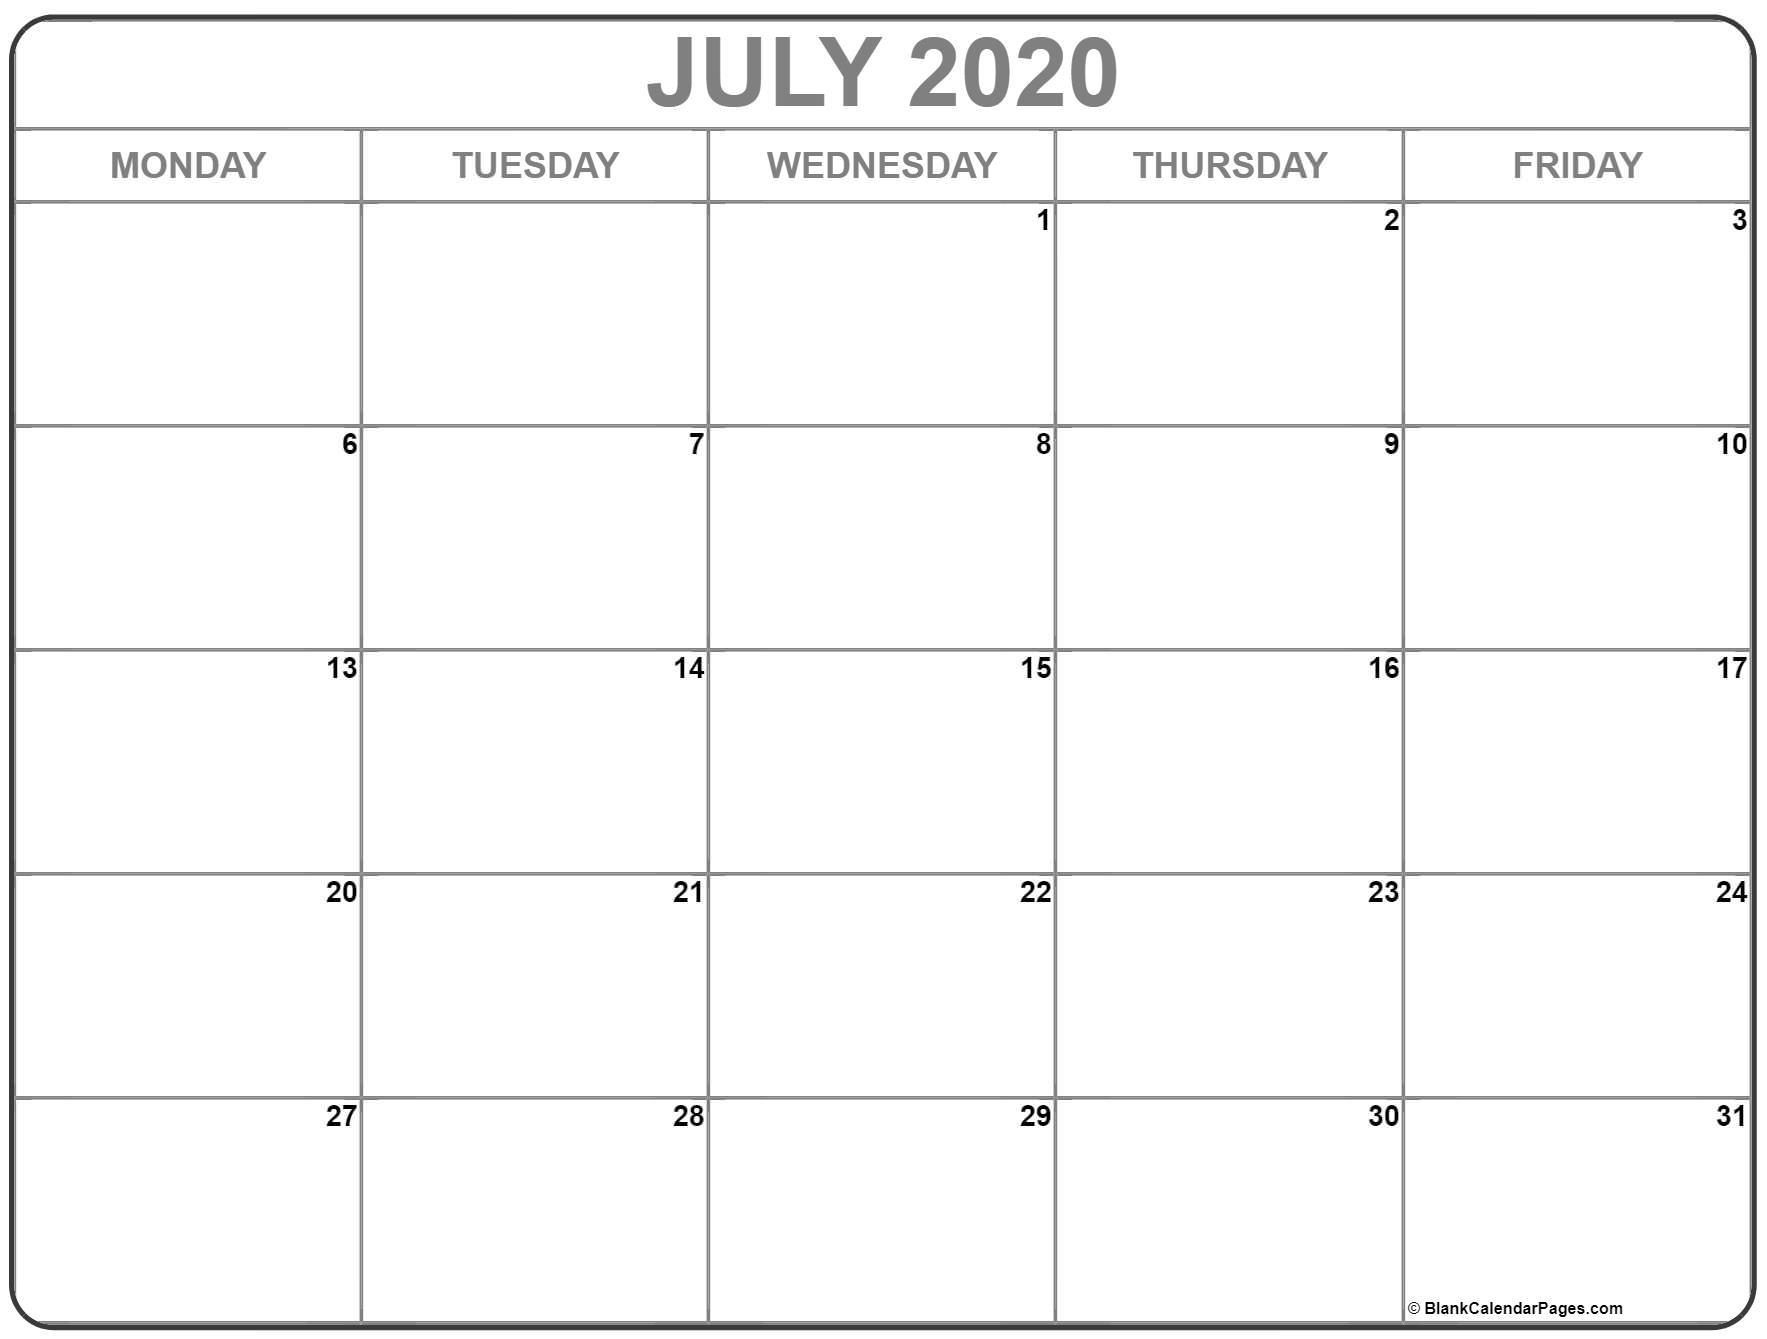 July 2020 Monday Calendar | Monday To Sunday regarding Printable Monday To Sunday 2020 Calendar